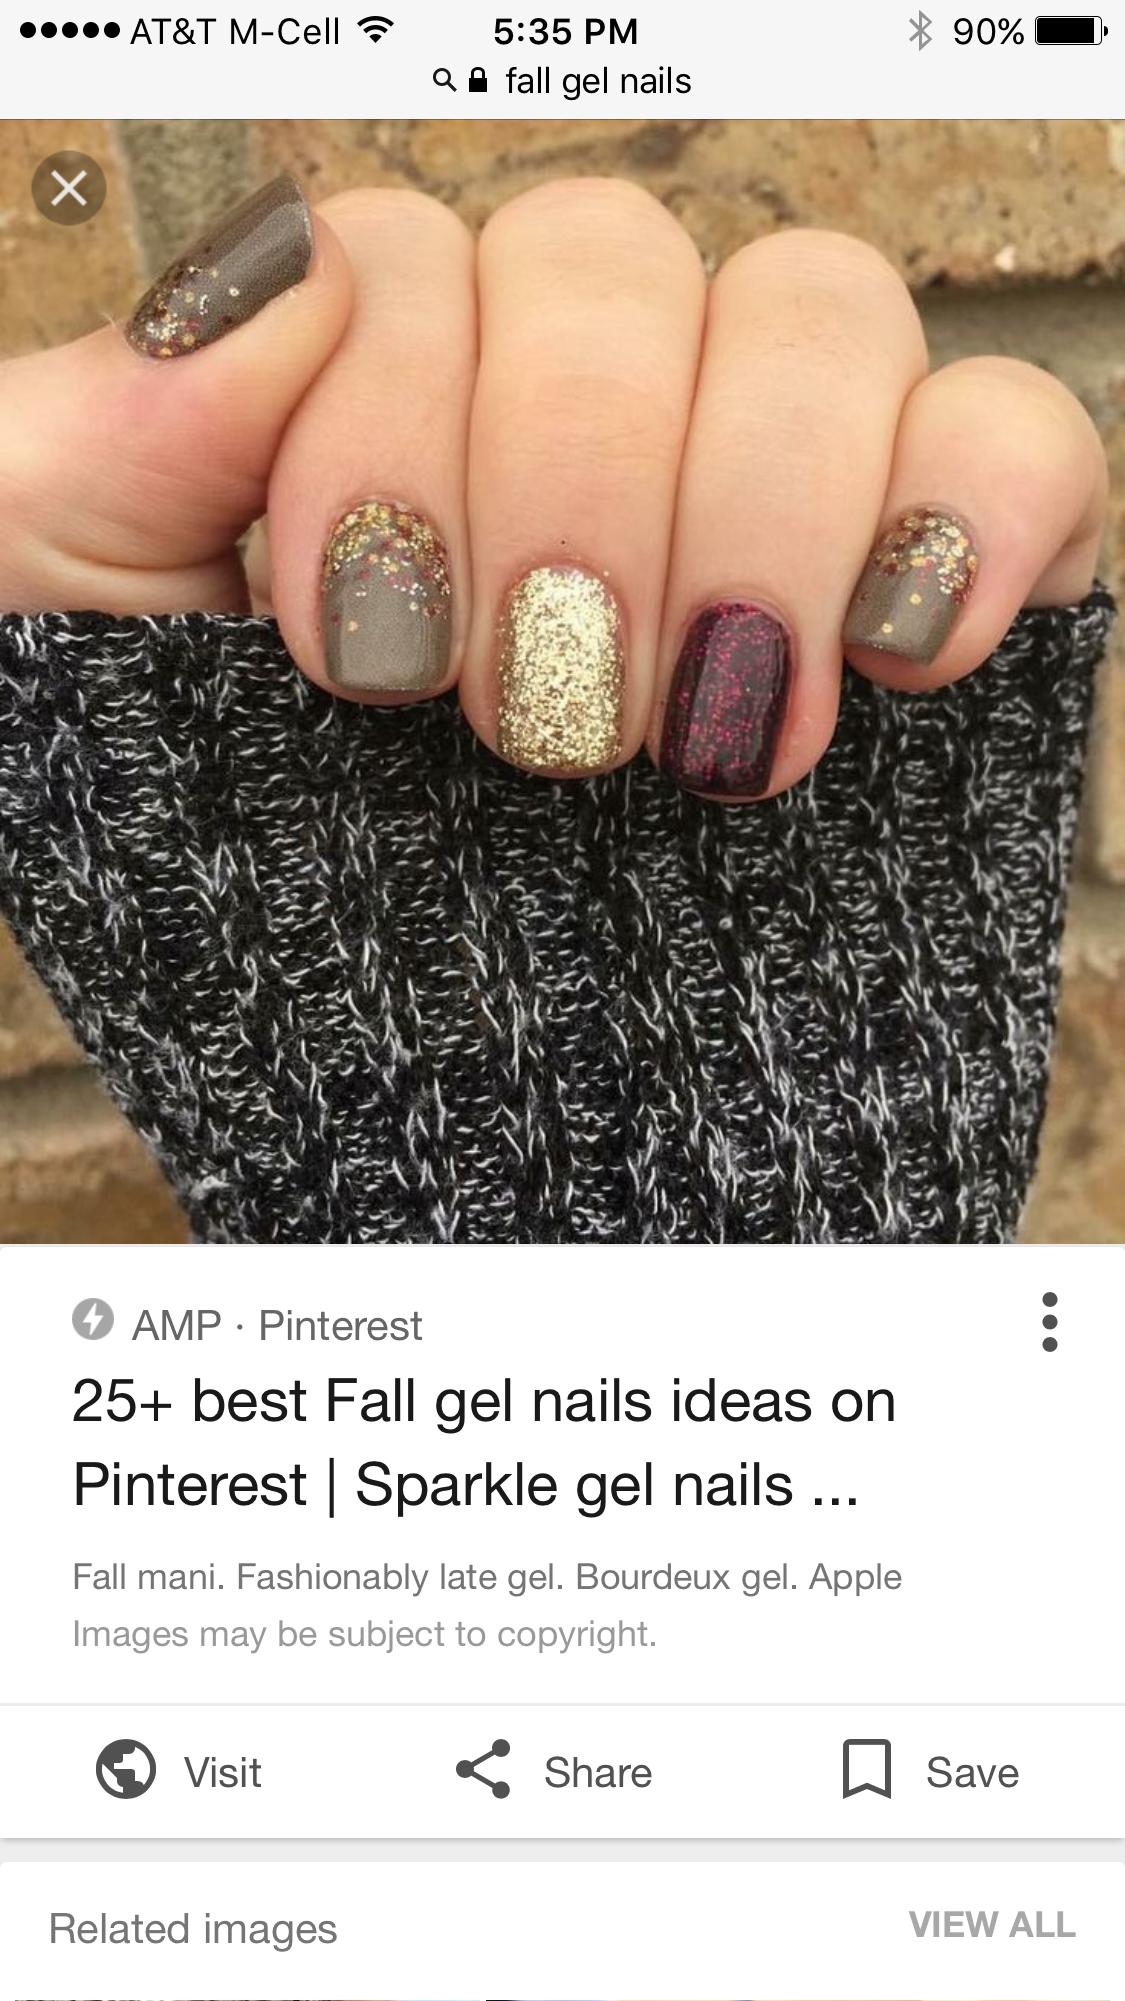 Pin by Ashley Zawila on nails | Pinterest | Makeup, Nail nail and ...